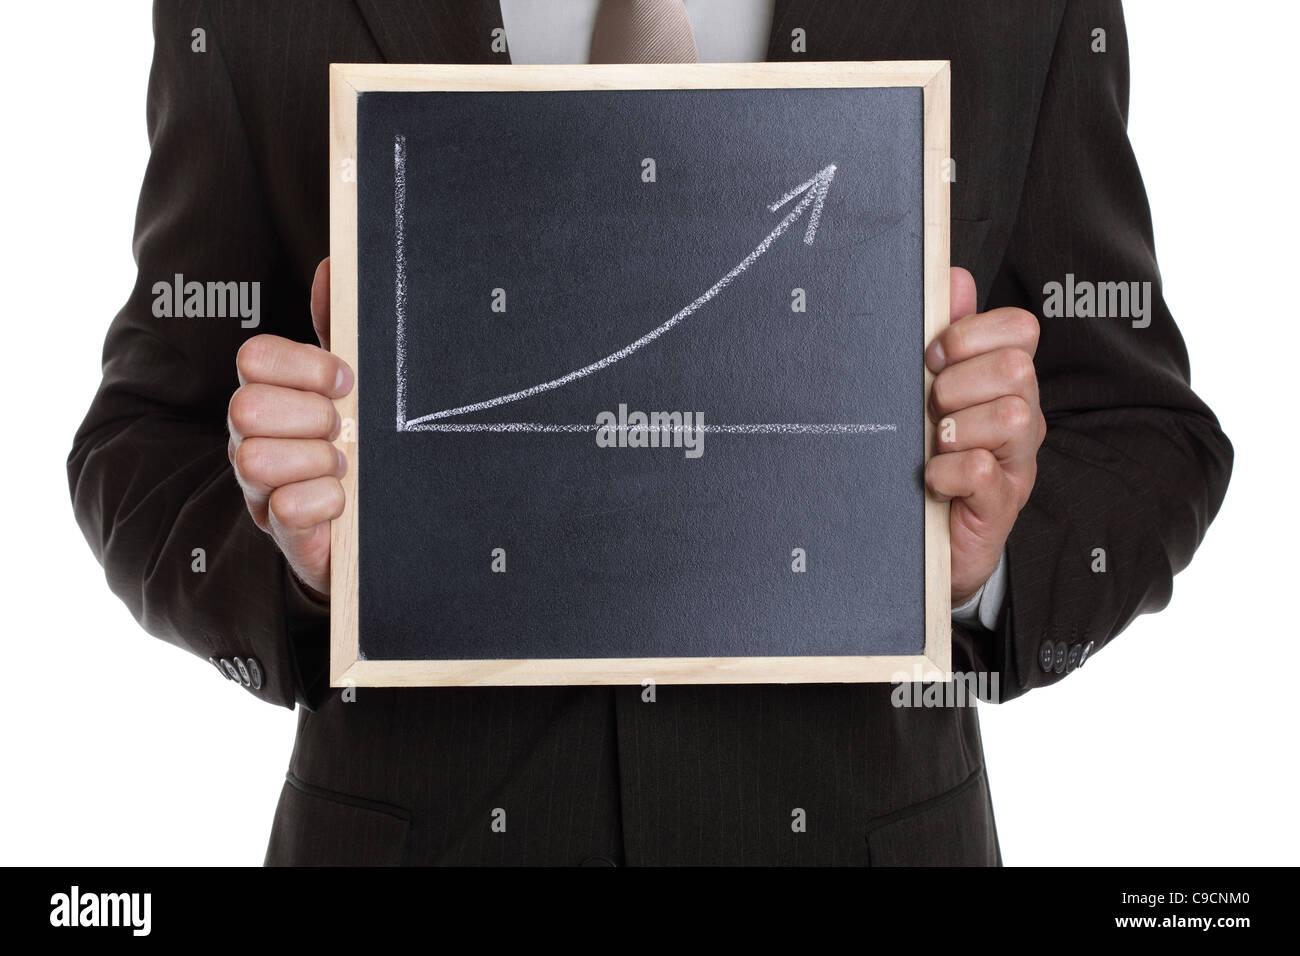 Gráfico de negocios Imagen De Stock